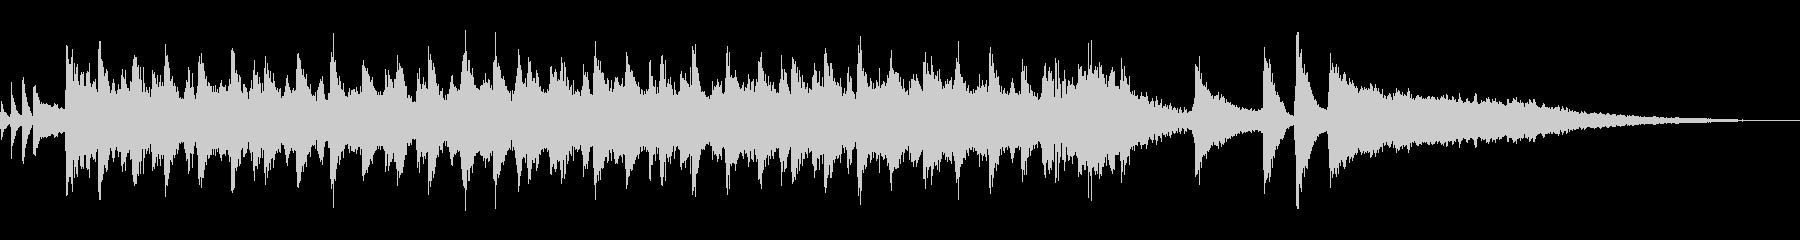 コーラス/明るい・楽しいポップBGM短尺の未再生の波形